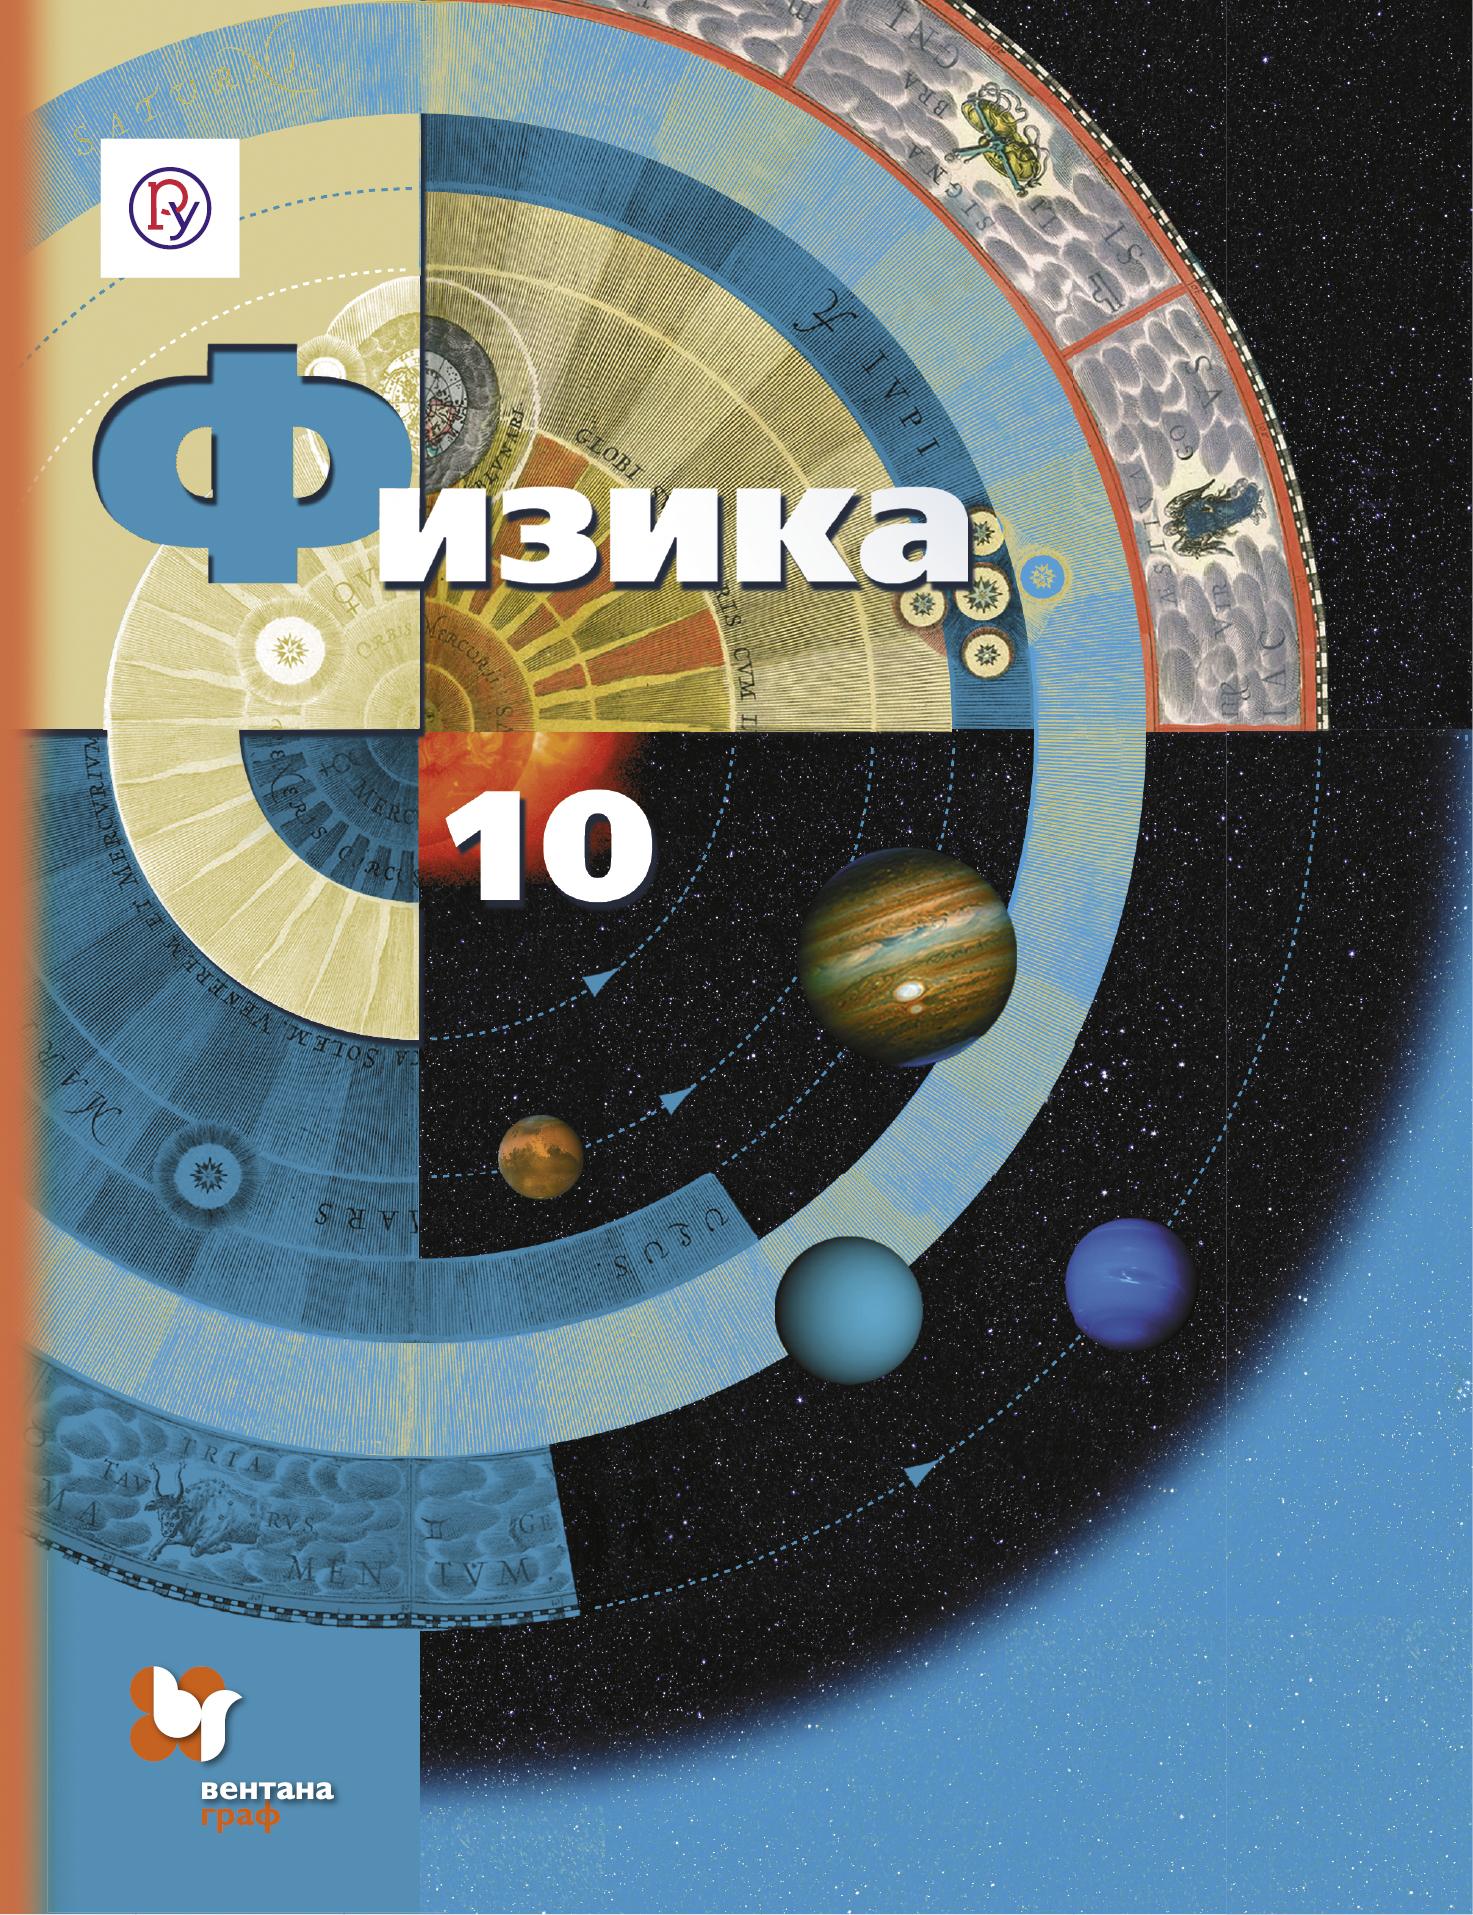 ГрачевА.В., ПогожевВ.А., СалецкийА.М., БоковП.Ю. Физика. Базовый и углубленный уровни. 10класс. Учебник.